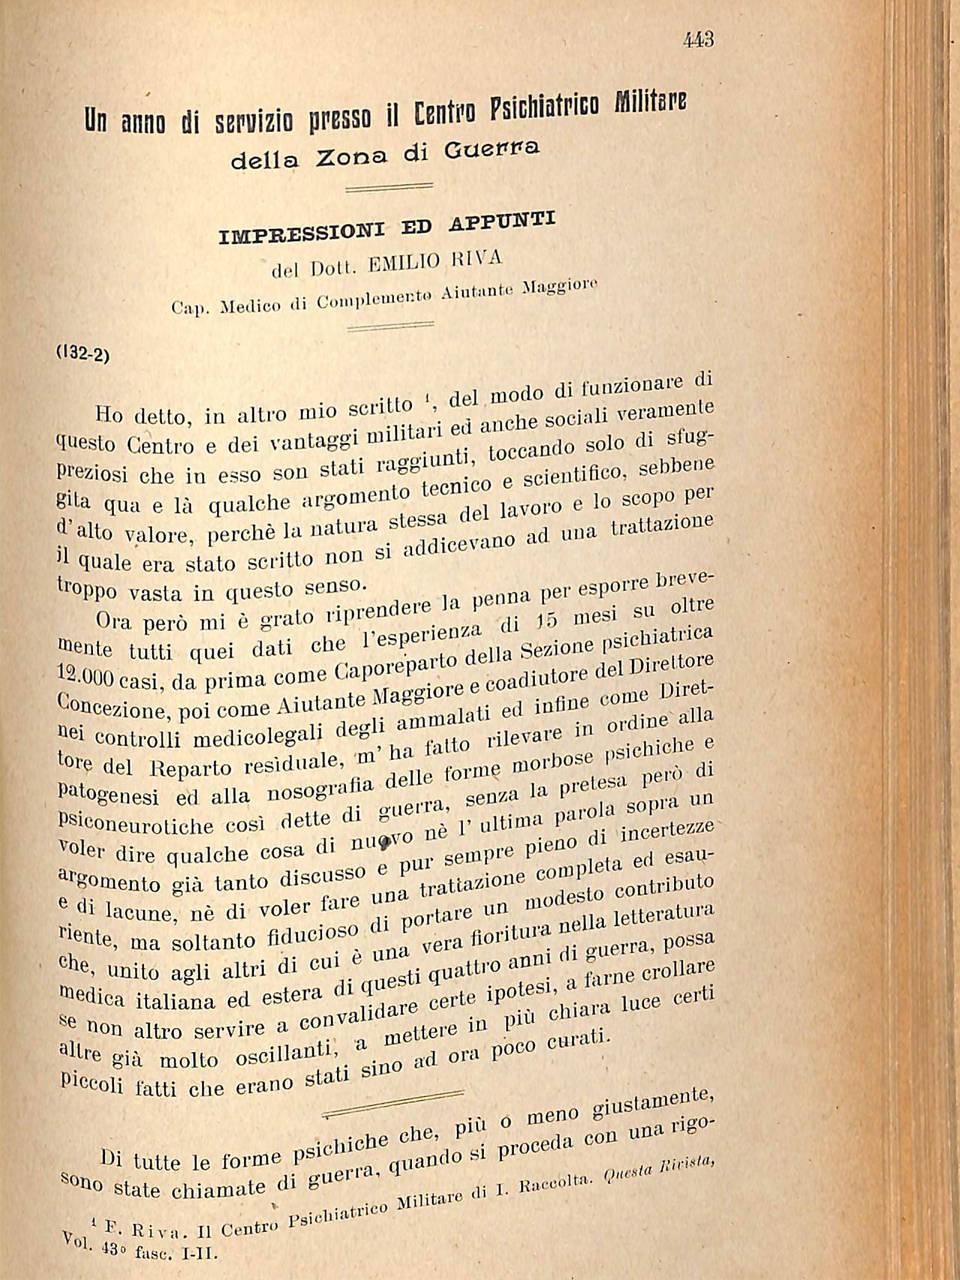 """Diario di Emilio Riva, """"Un anno di servizio presso il centro psichiatrico Militare"""" in Rivista sperimentale di freniatria, XLIII, 1919, p. 443"""